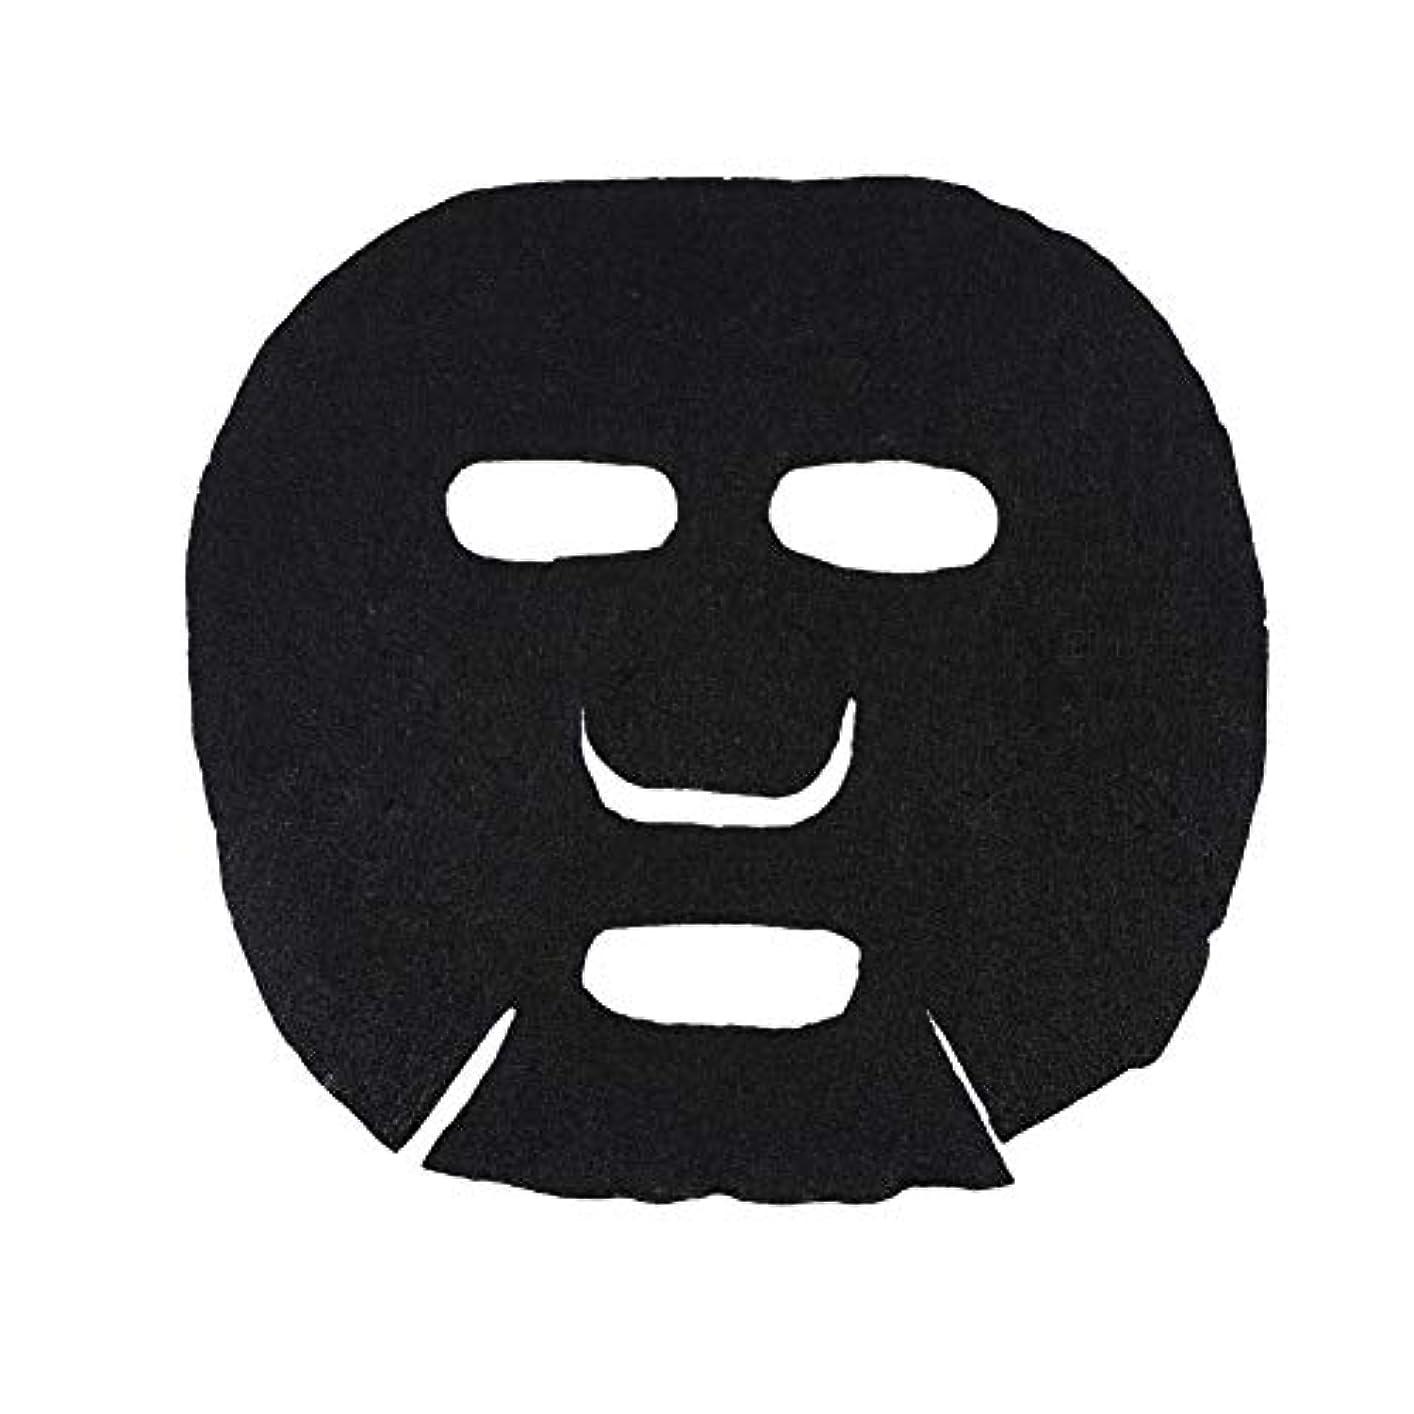 いらいらさせる平野マティス30Pcs / 40Pcsマスク紙、マスク紙綿、スキンフェイスケアDIYフェイシャルペーパーコンプレスマスクマスクナチュラルコットンスキンケアマスクDIYシートマスク(30pcs)